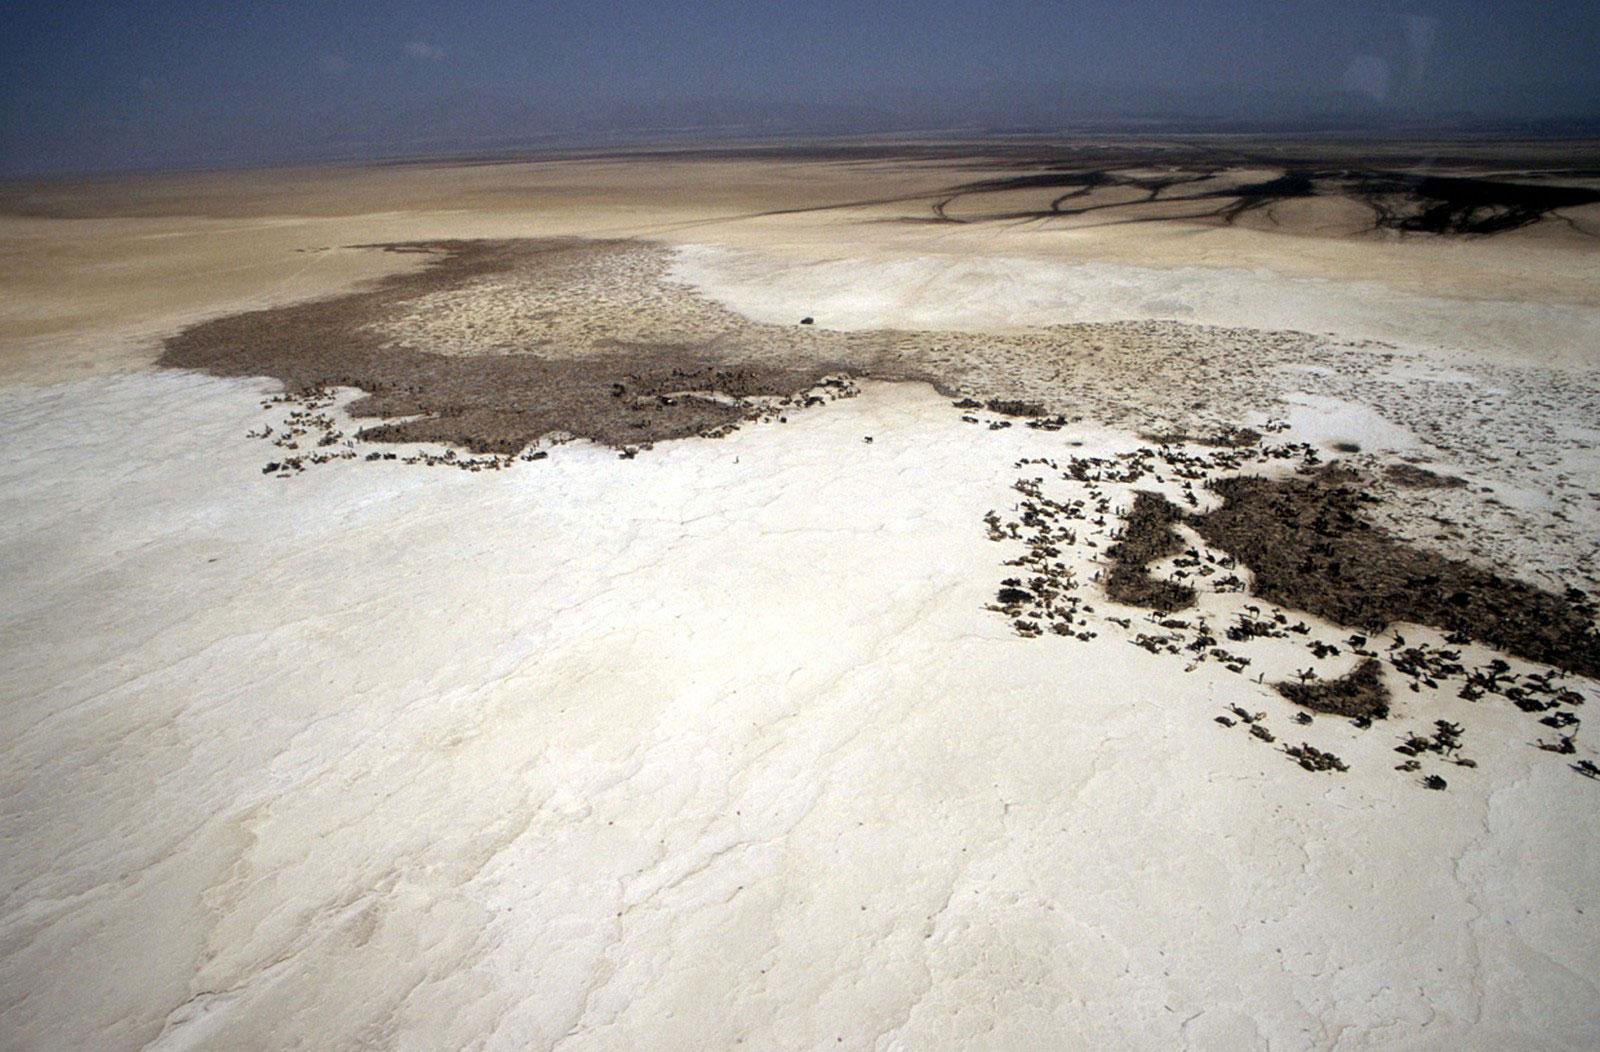 Караван верблюдов в эфиопской впадине